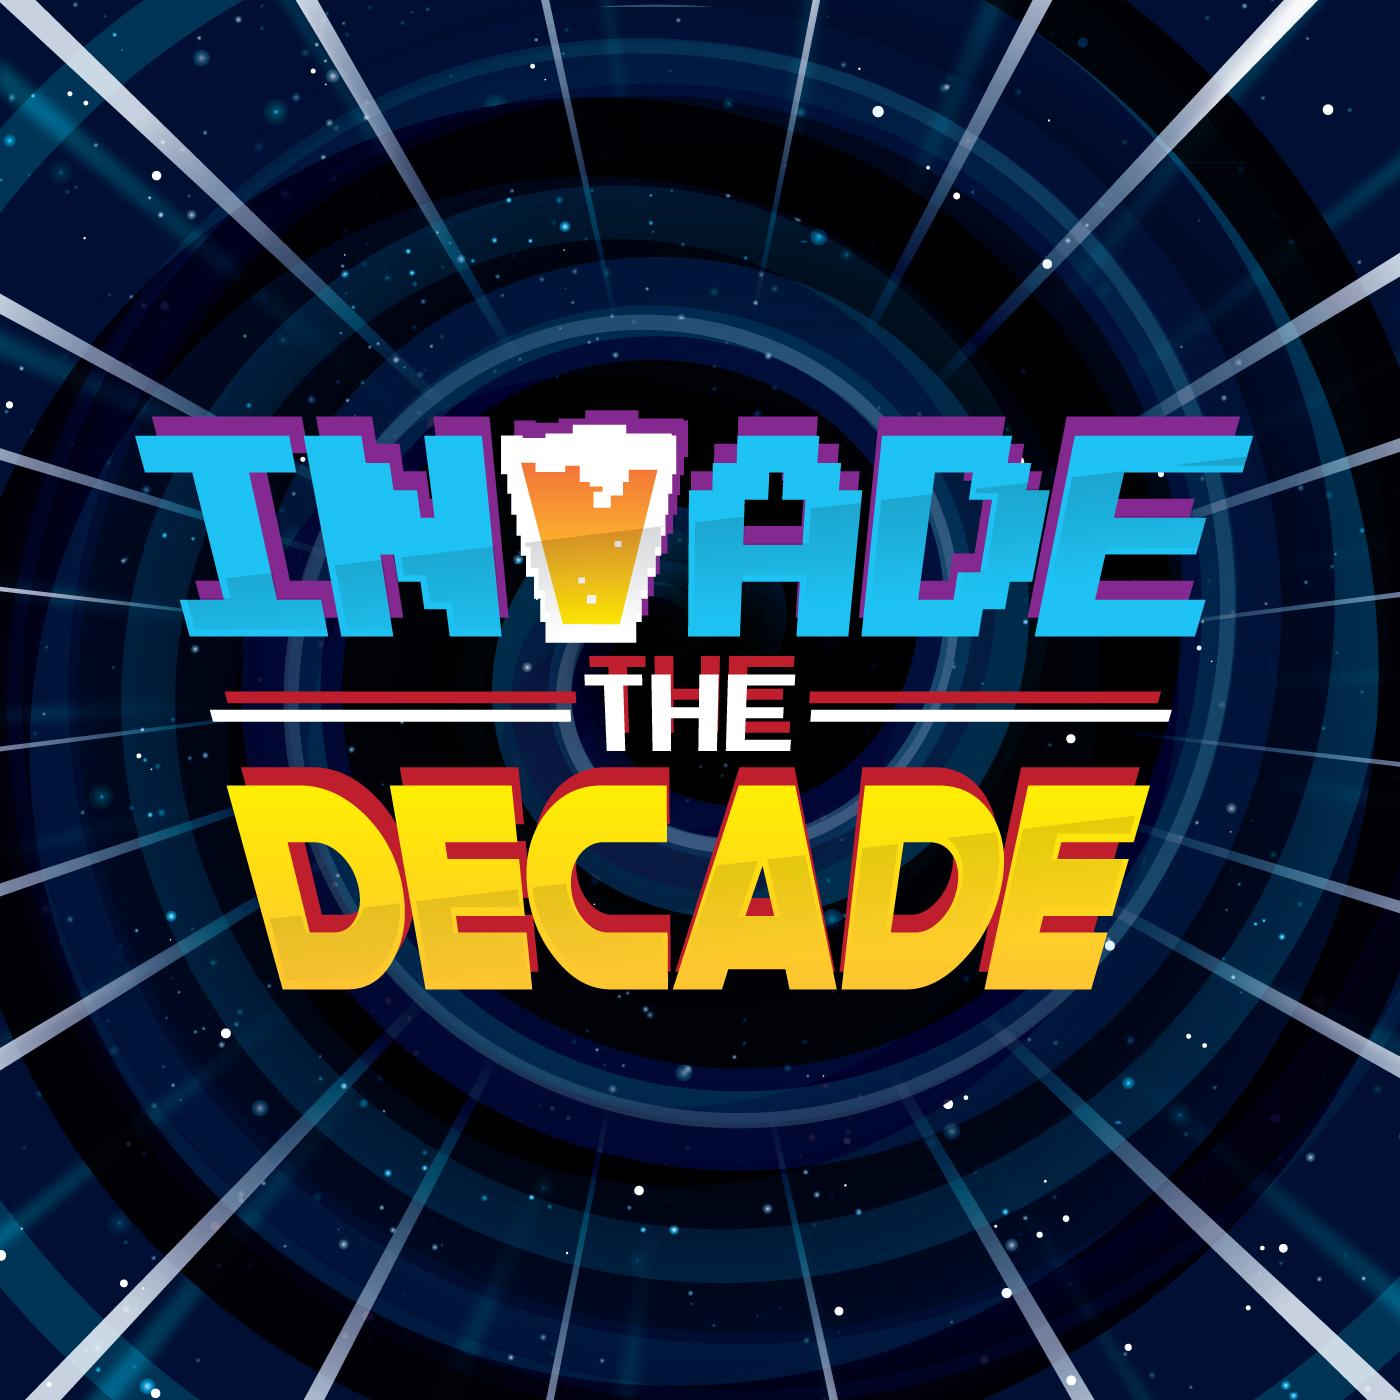 Invade the Decade logo